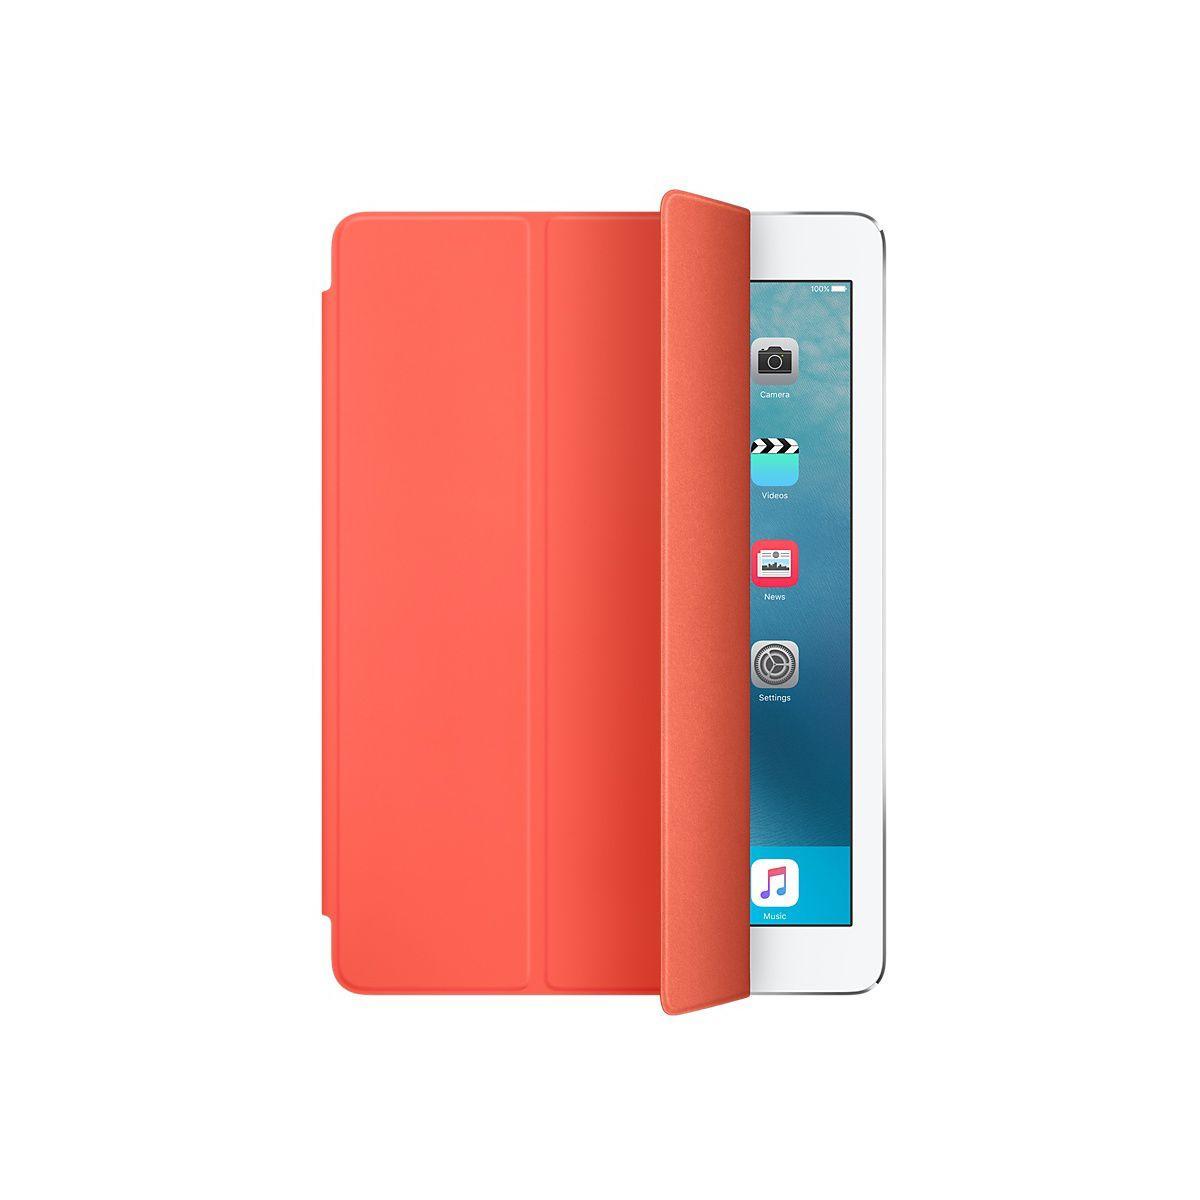 Folio apple smart cover abricot ipad pro 9.7'' - soldes et bons plans